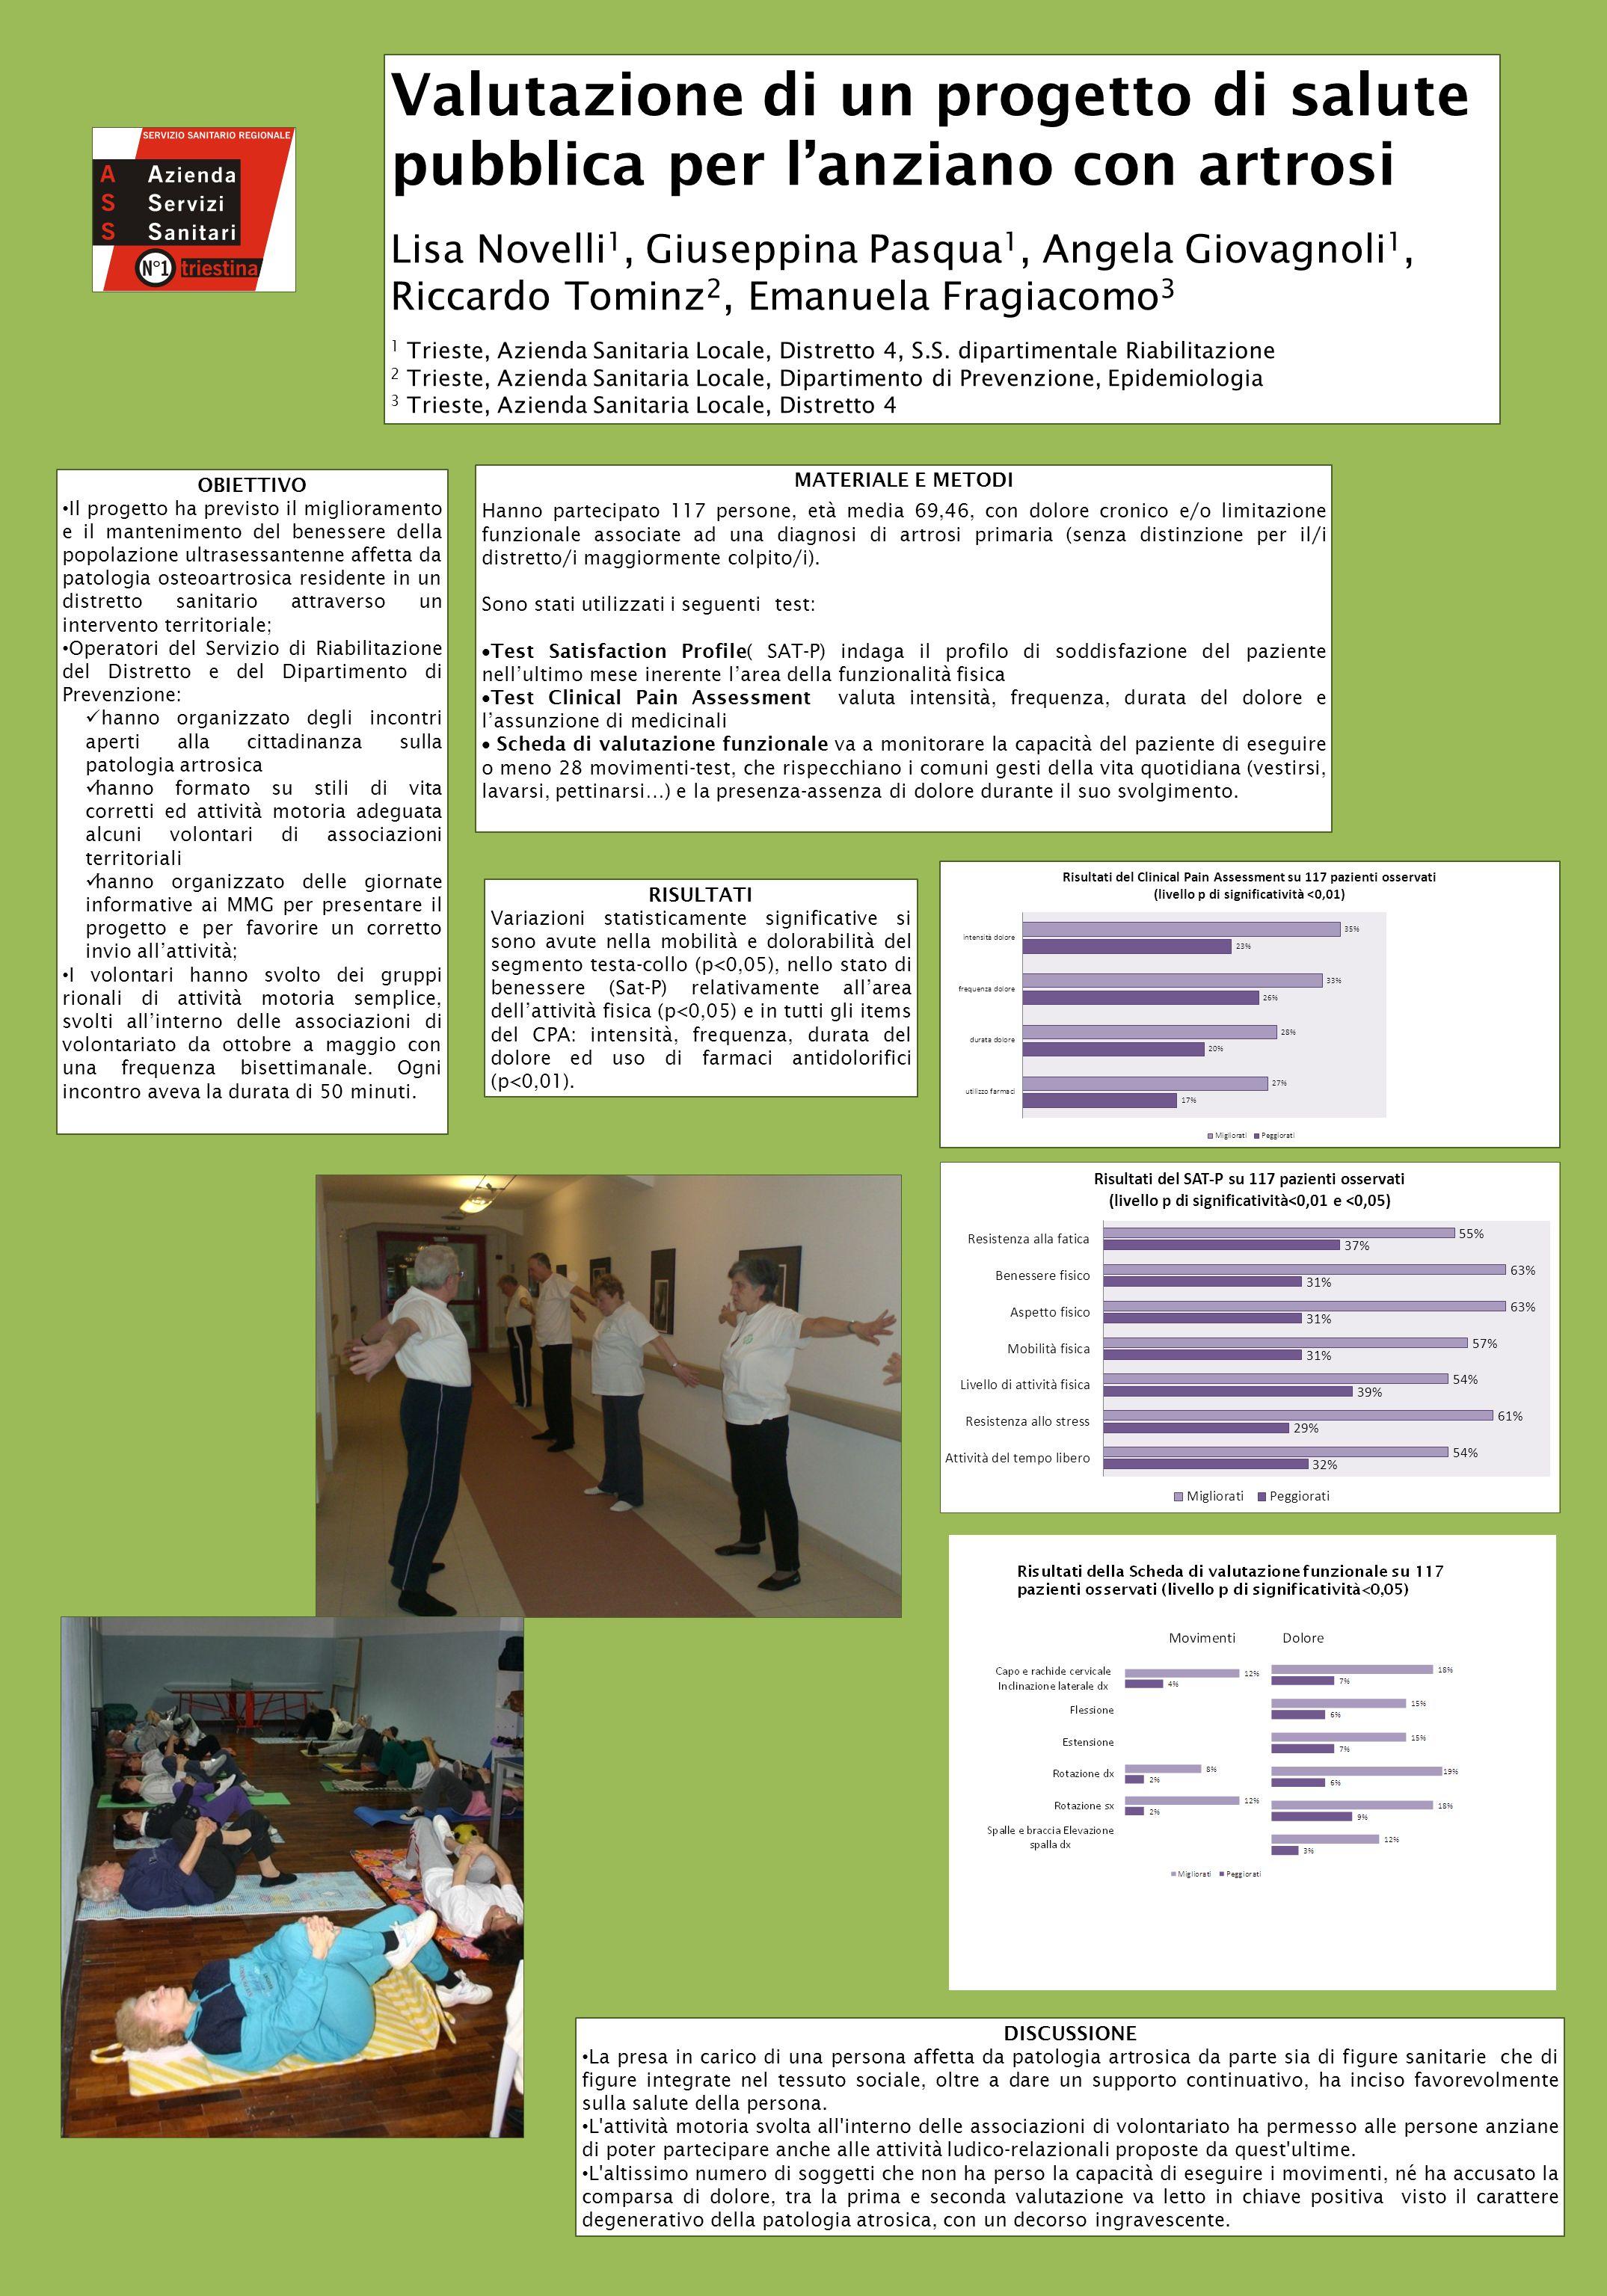 Valutazione di un progetto di salute pubblica per l'anziano con artrosi